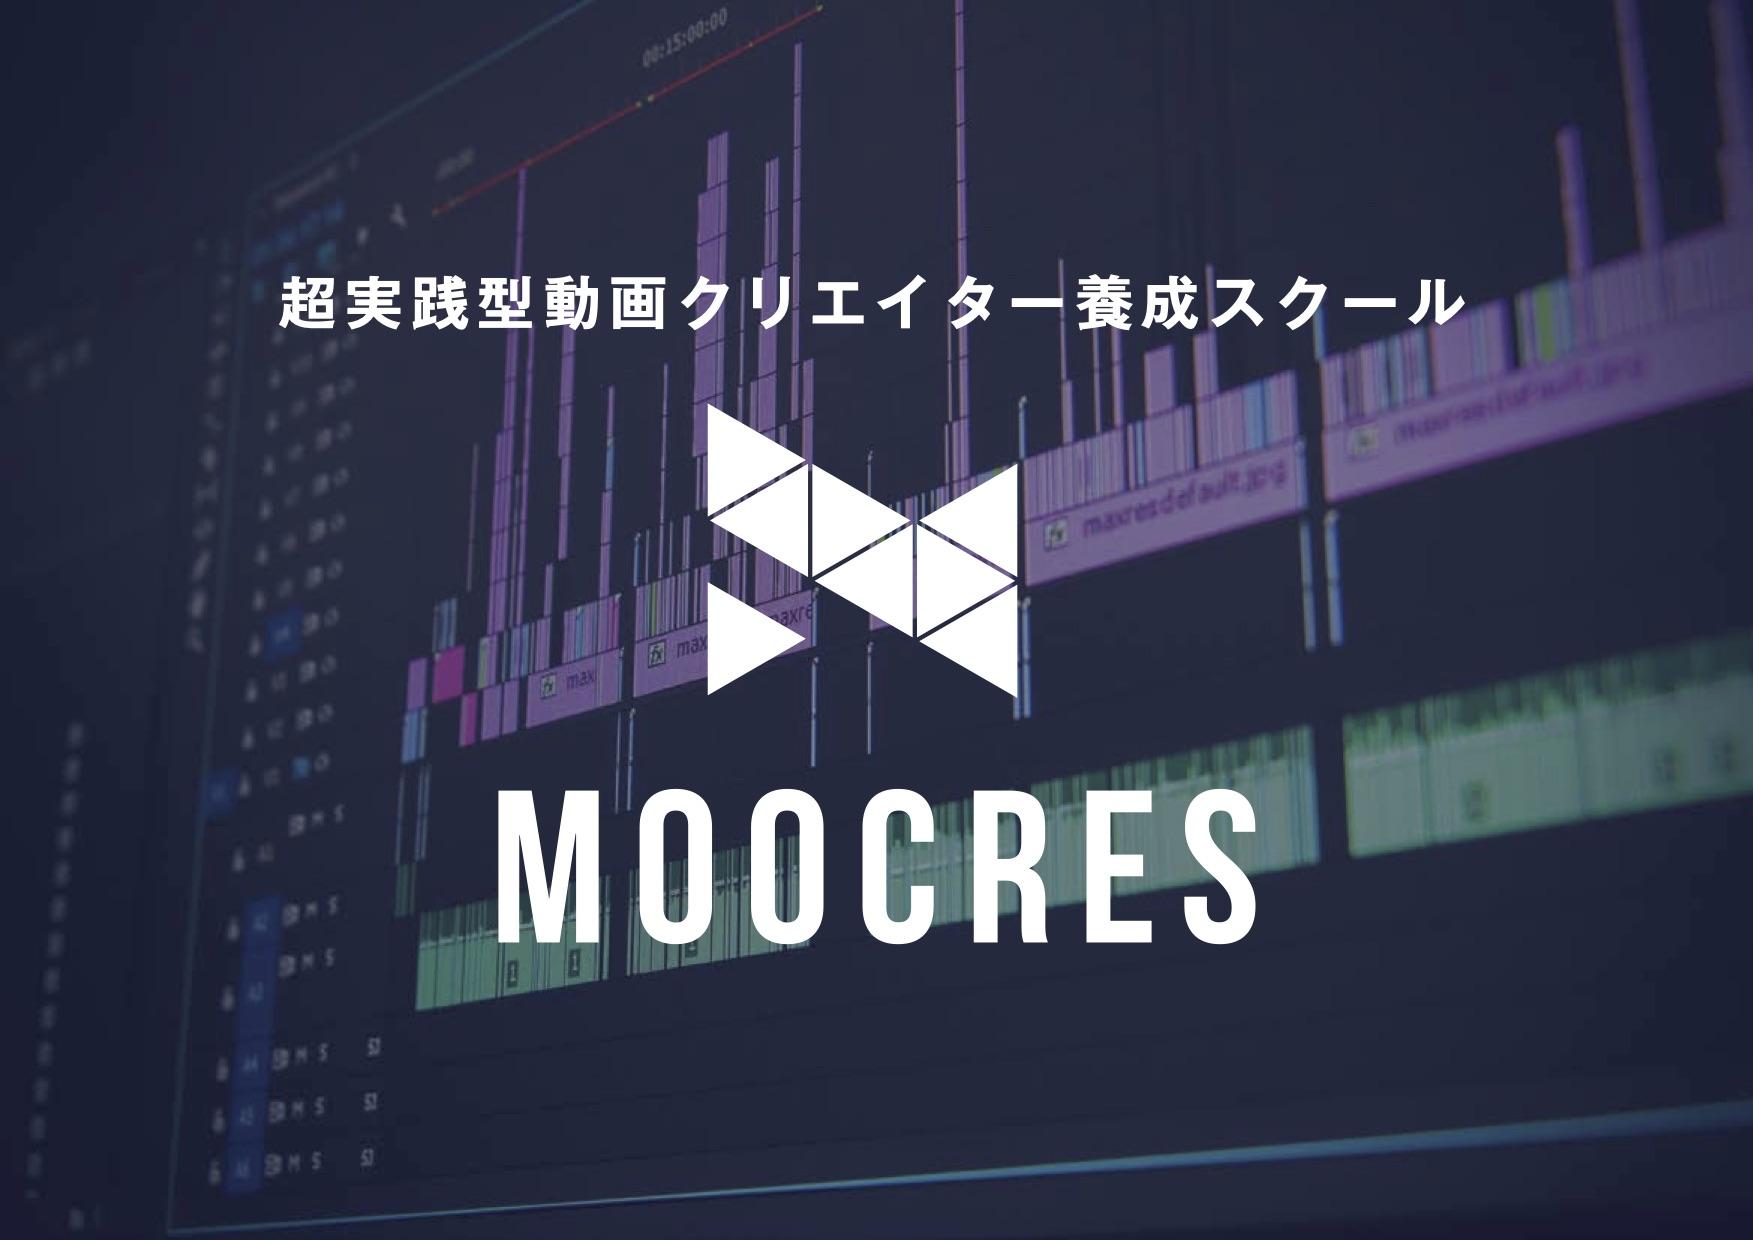 超実践型動画クリエイター養成スクール「MOOCRES(ムークリ)」、2020年10月から始まる6期の開講が決定!新体制でより充実したカリキュラムを展開!